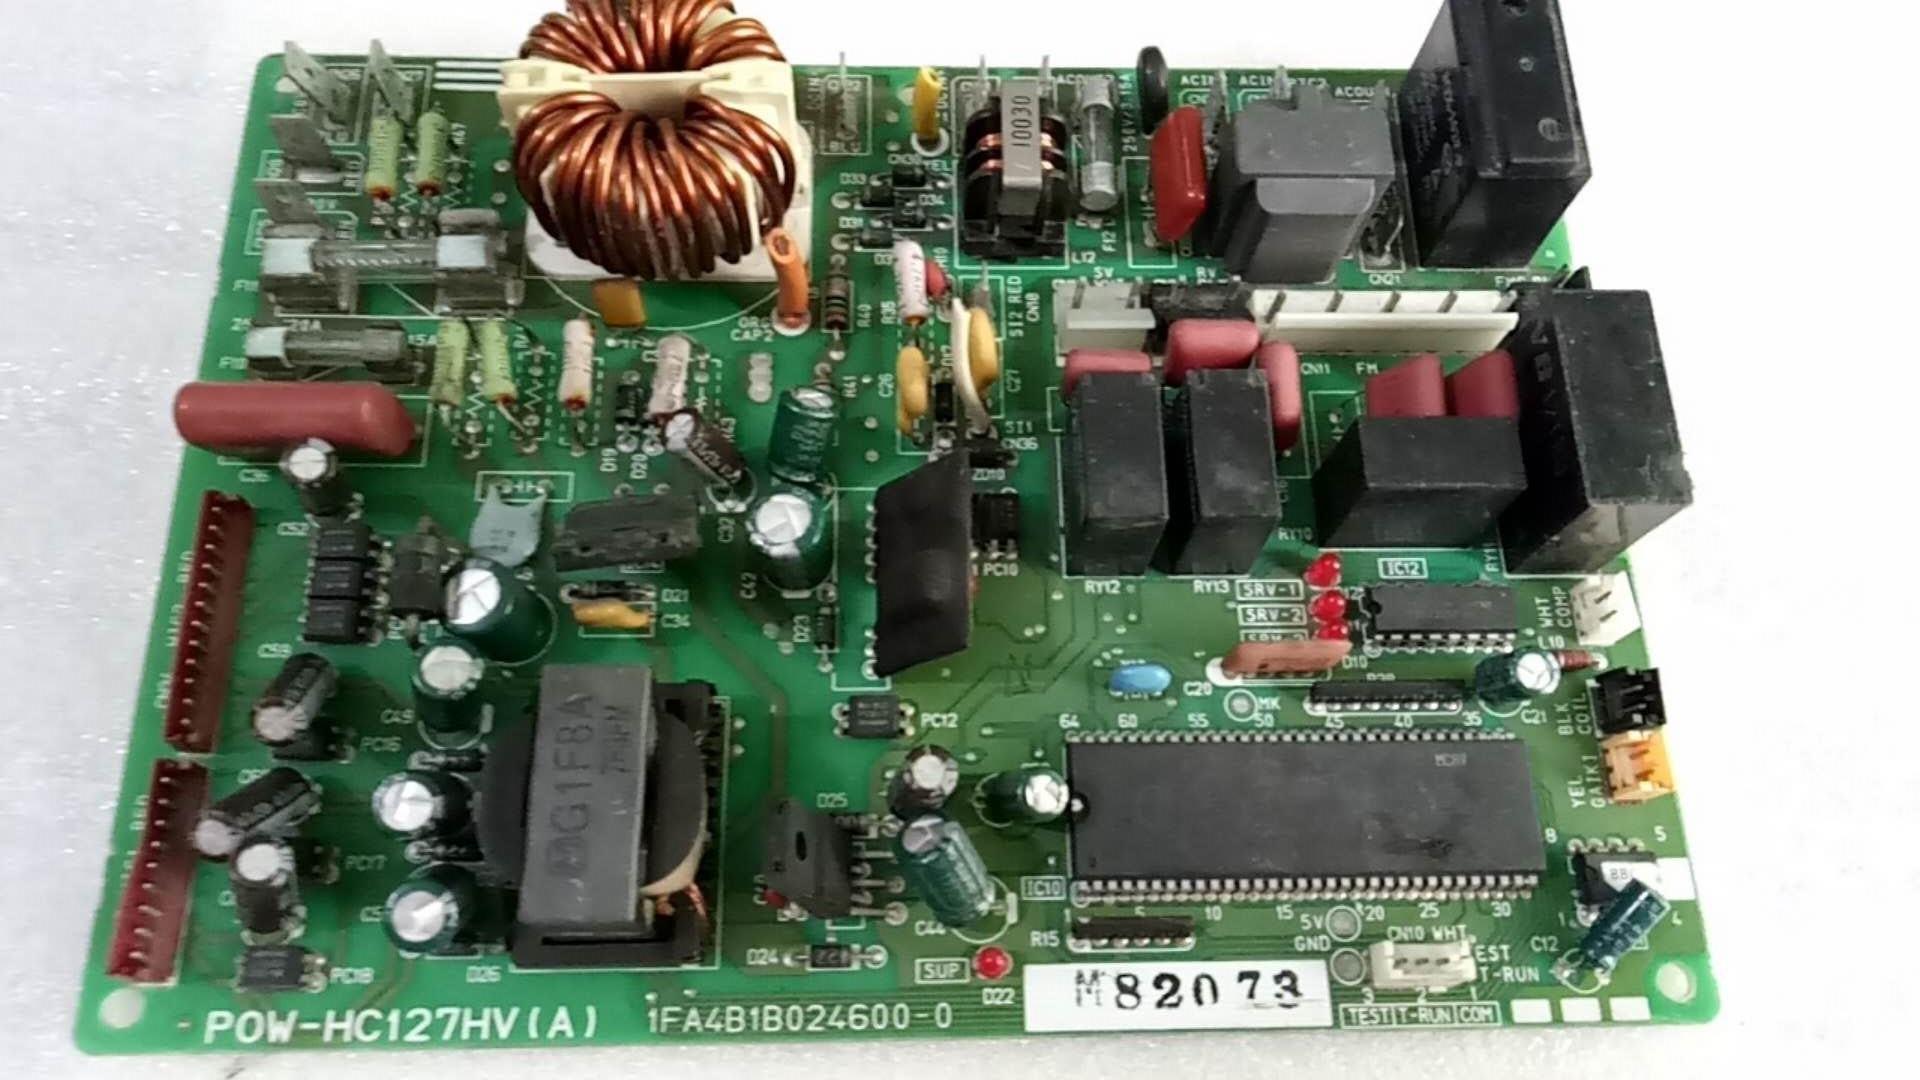 海信空调外机电脑板POW-HC127HV(A) 1FA4B1B024600-0 N83313